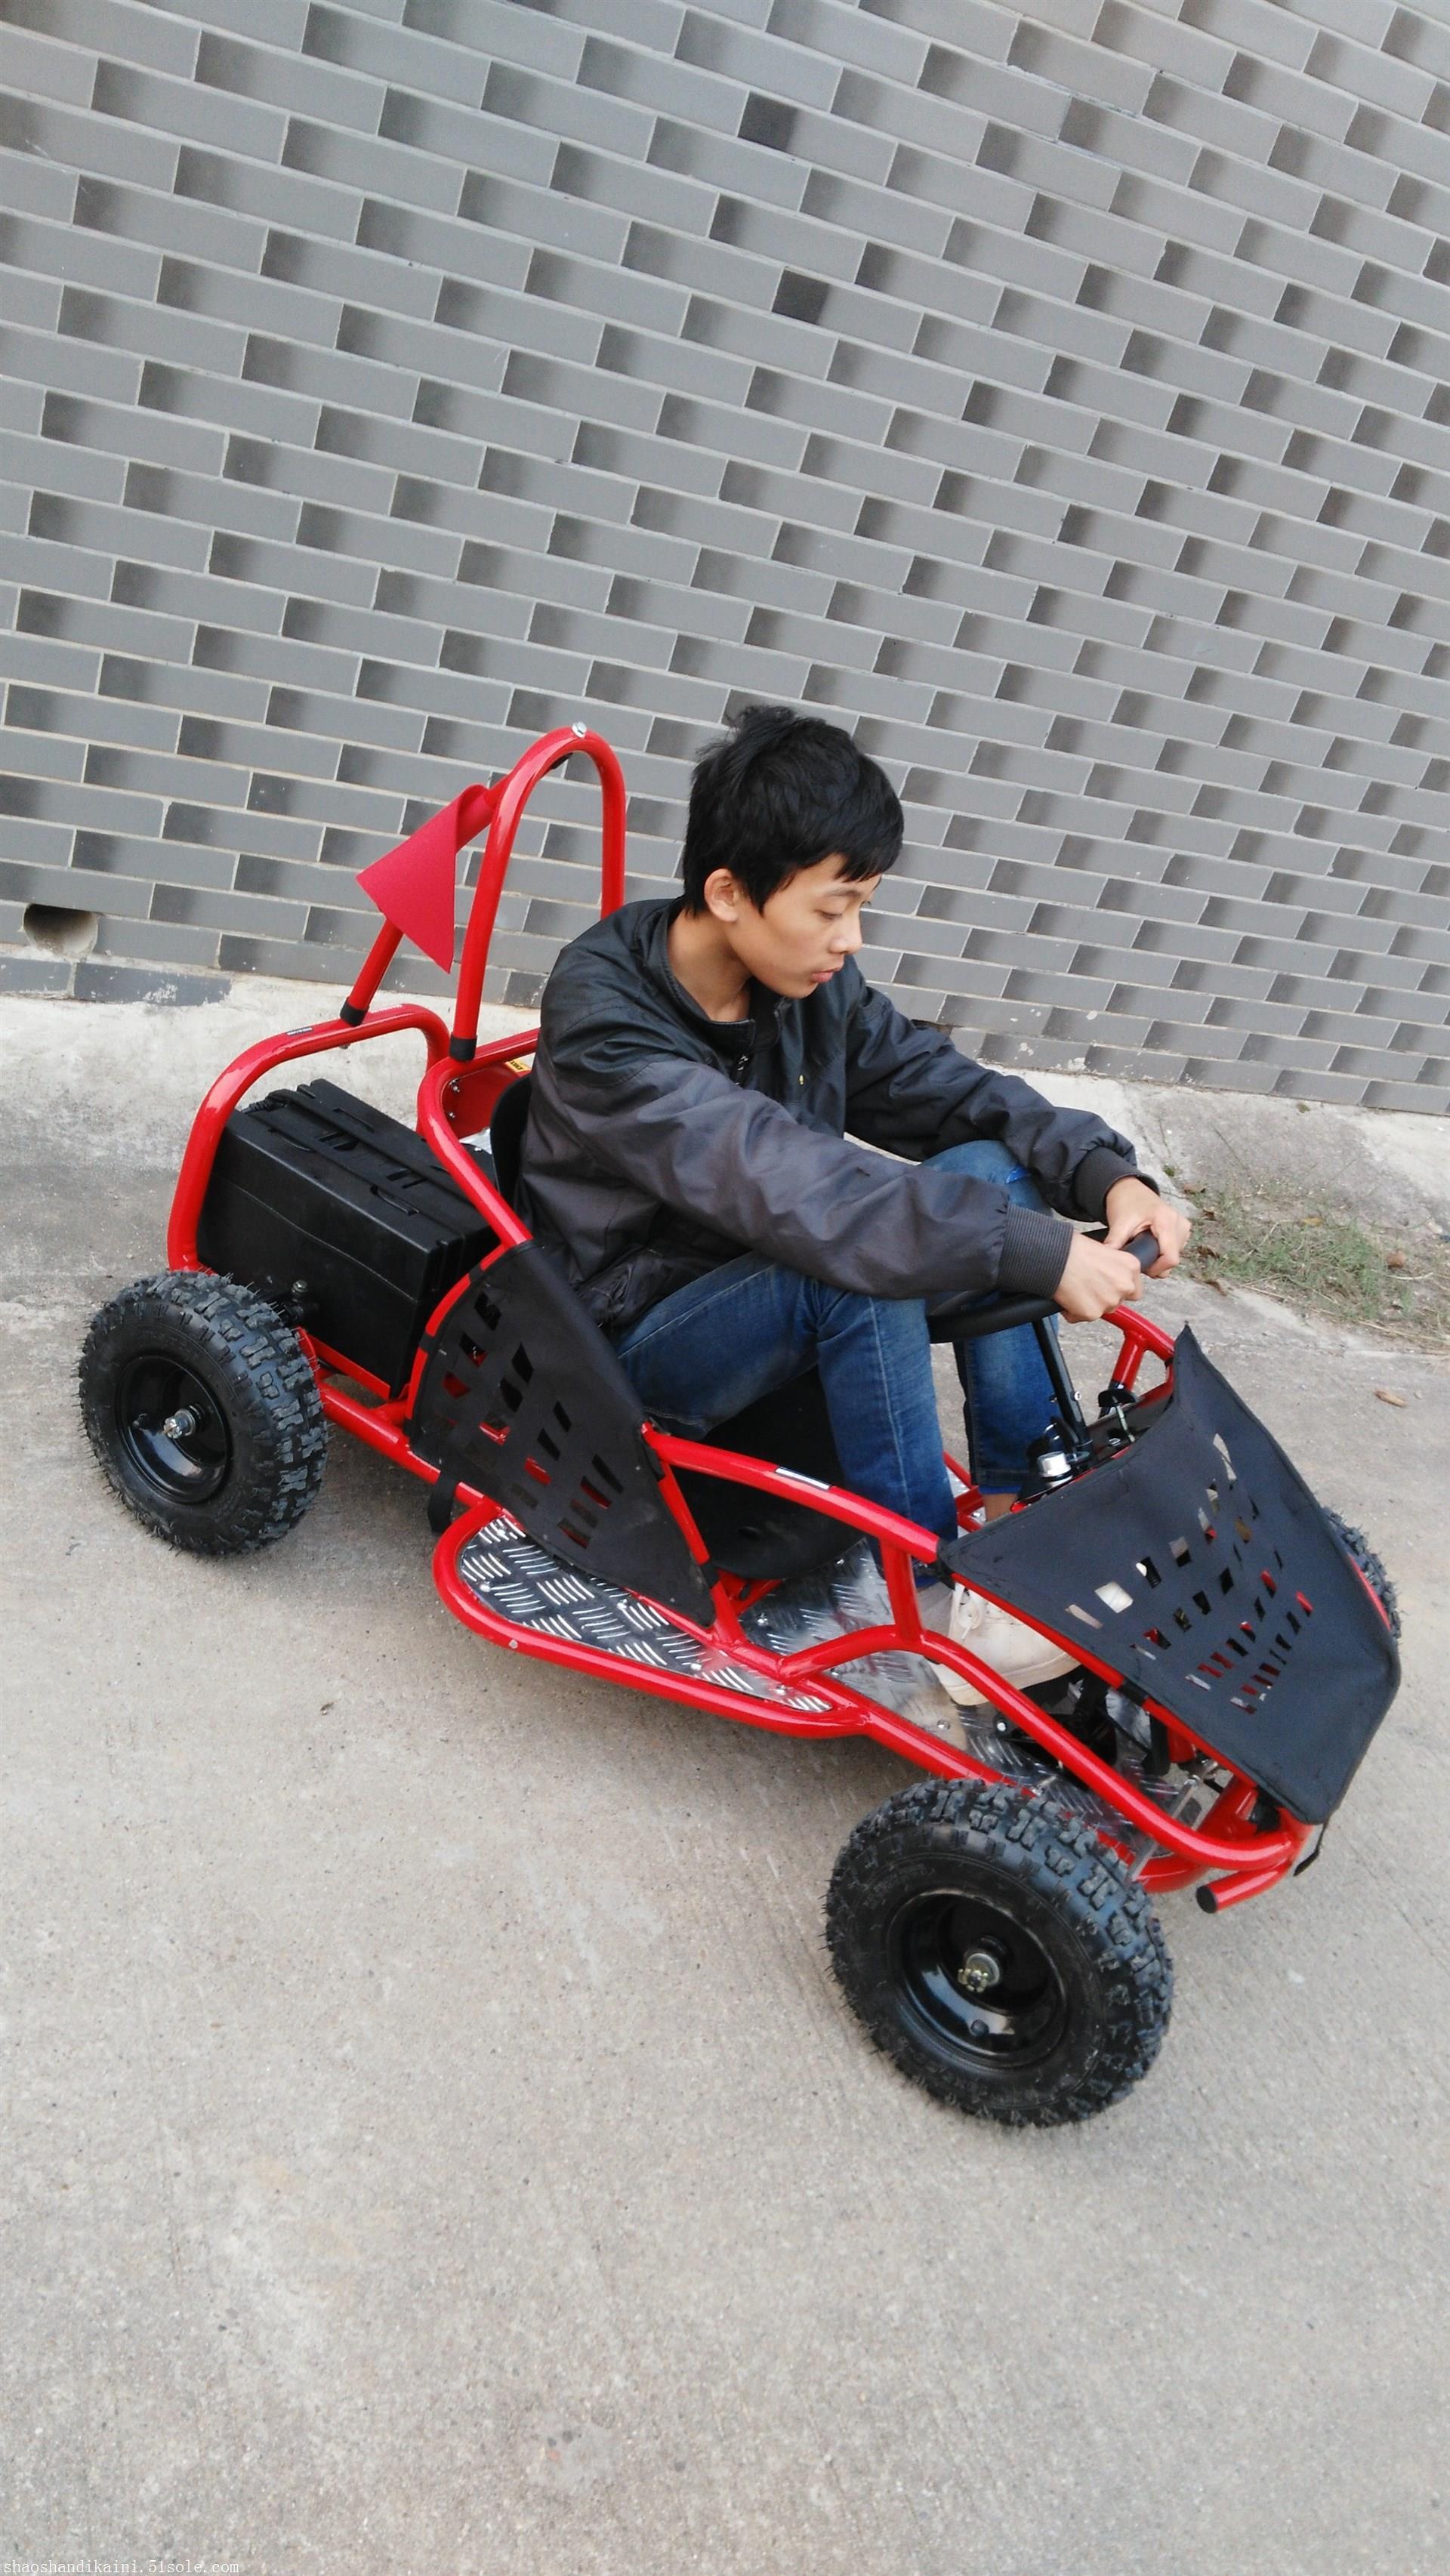 儿童电动卡丁车赛车批发卡丁车价格